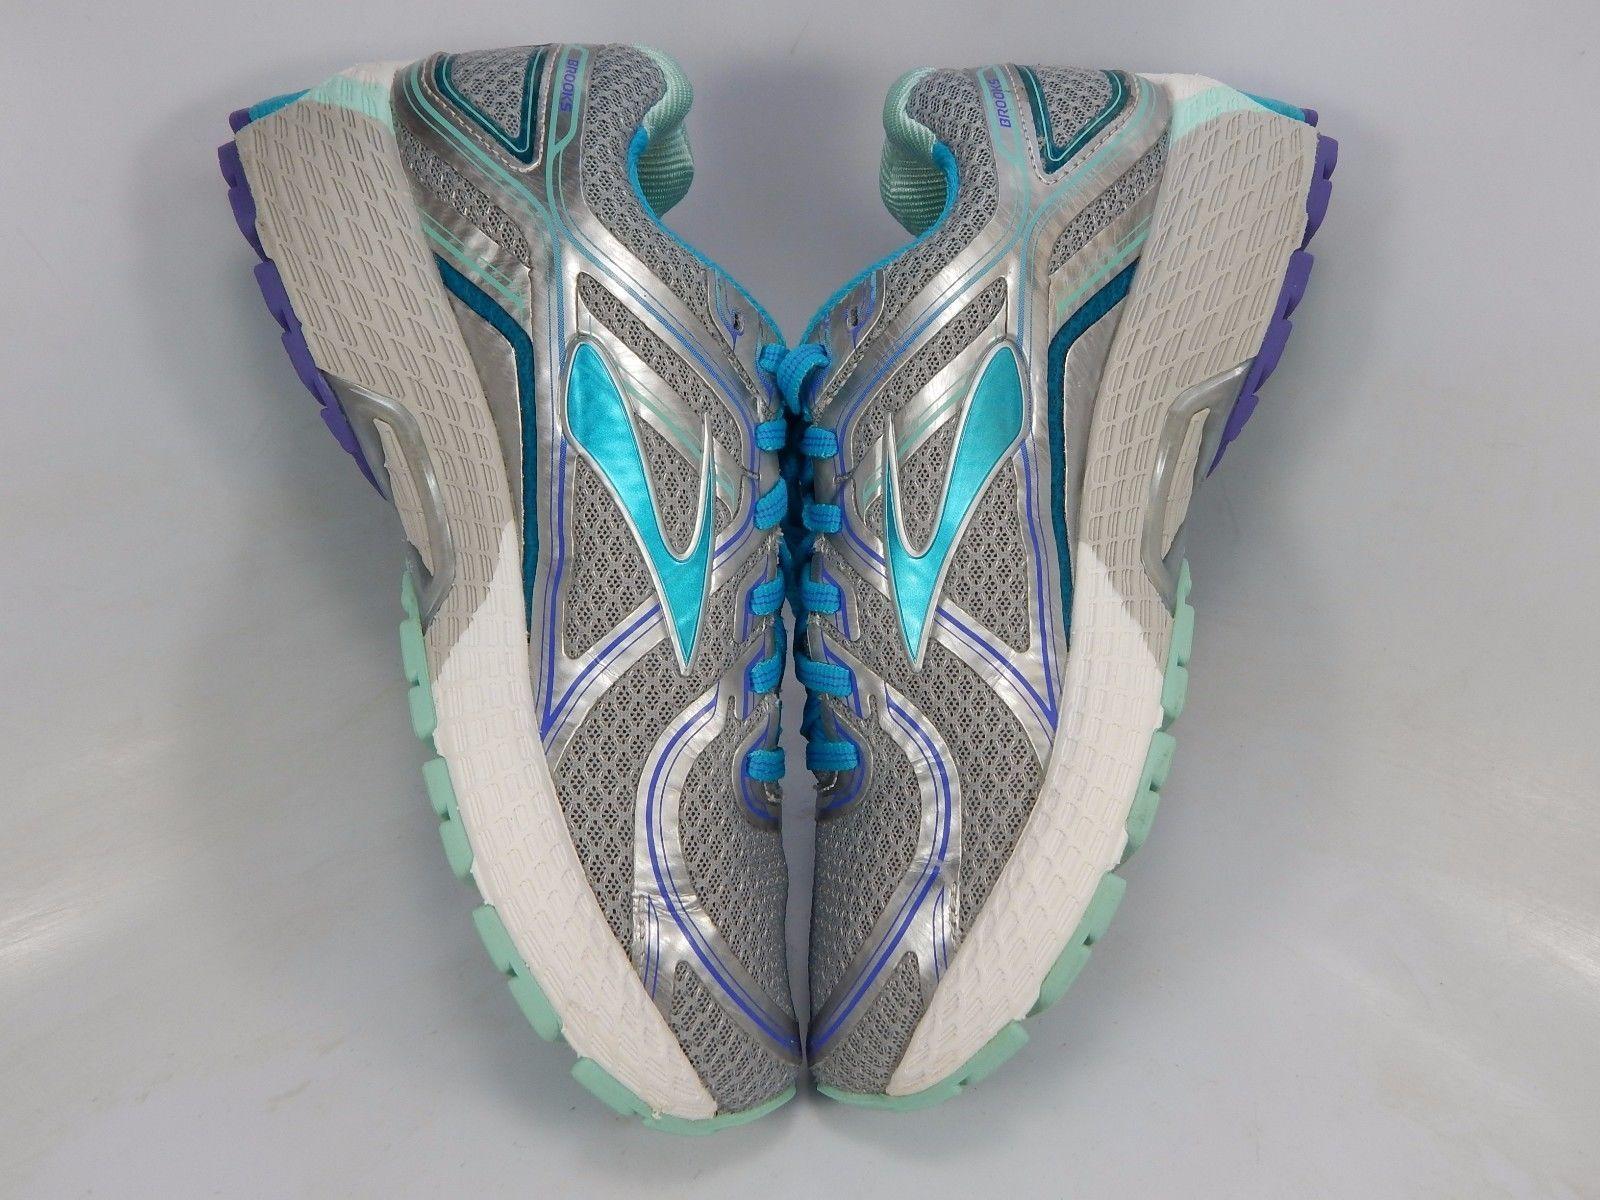 Brooks GTS 16 Women's Running Shoe Size US 7.5 M (B) EU 38.5 Silver 1202031B170